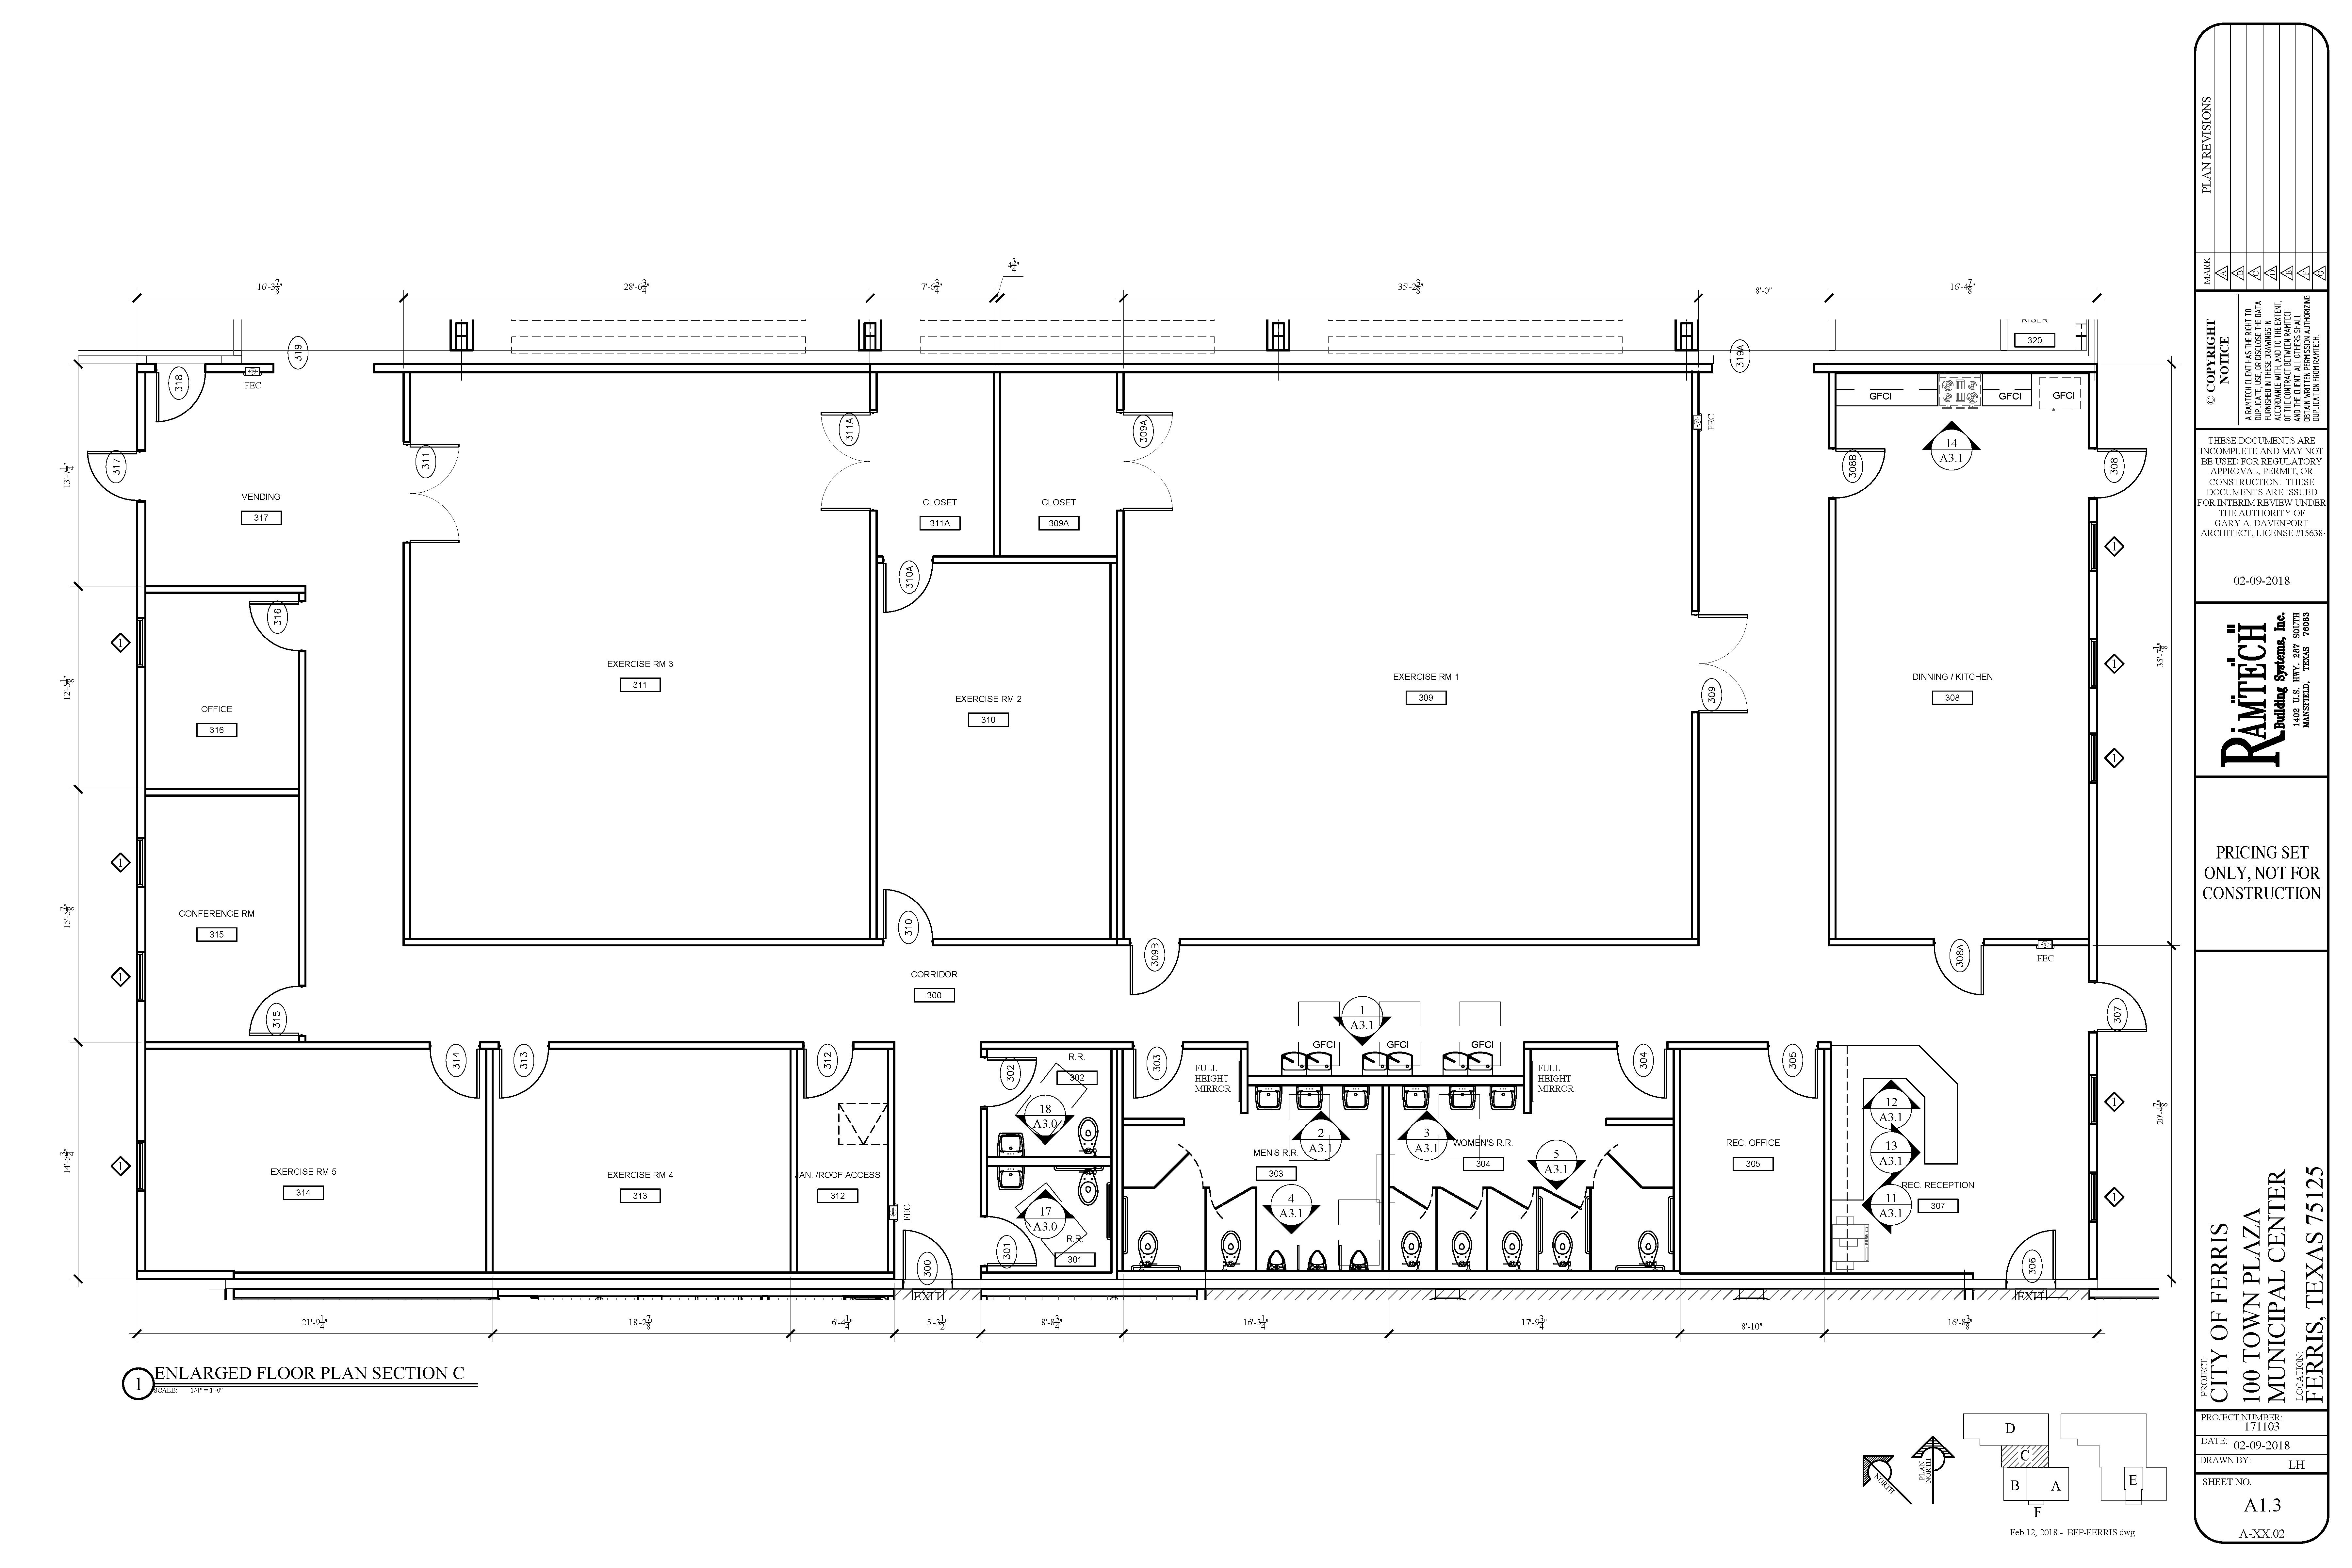 Recreation Center Floorplan